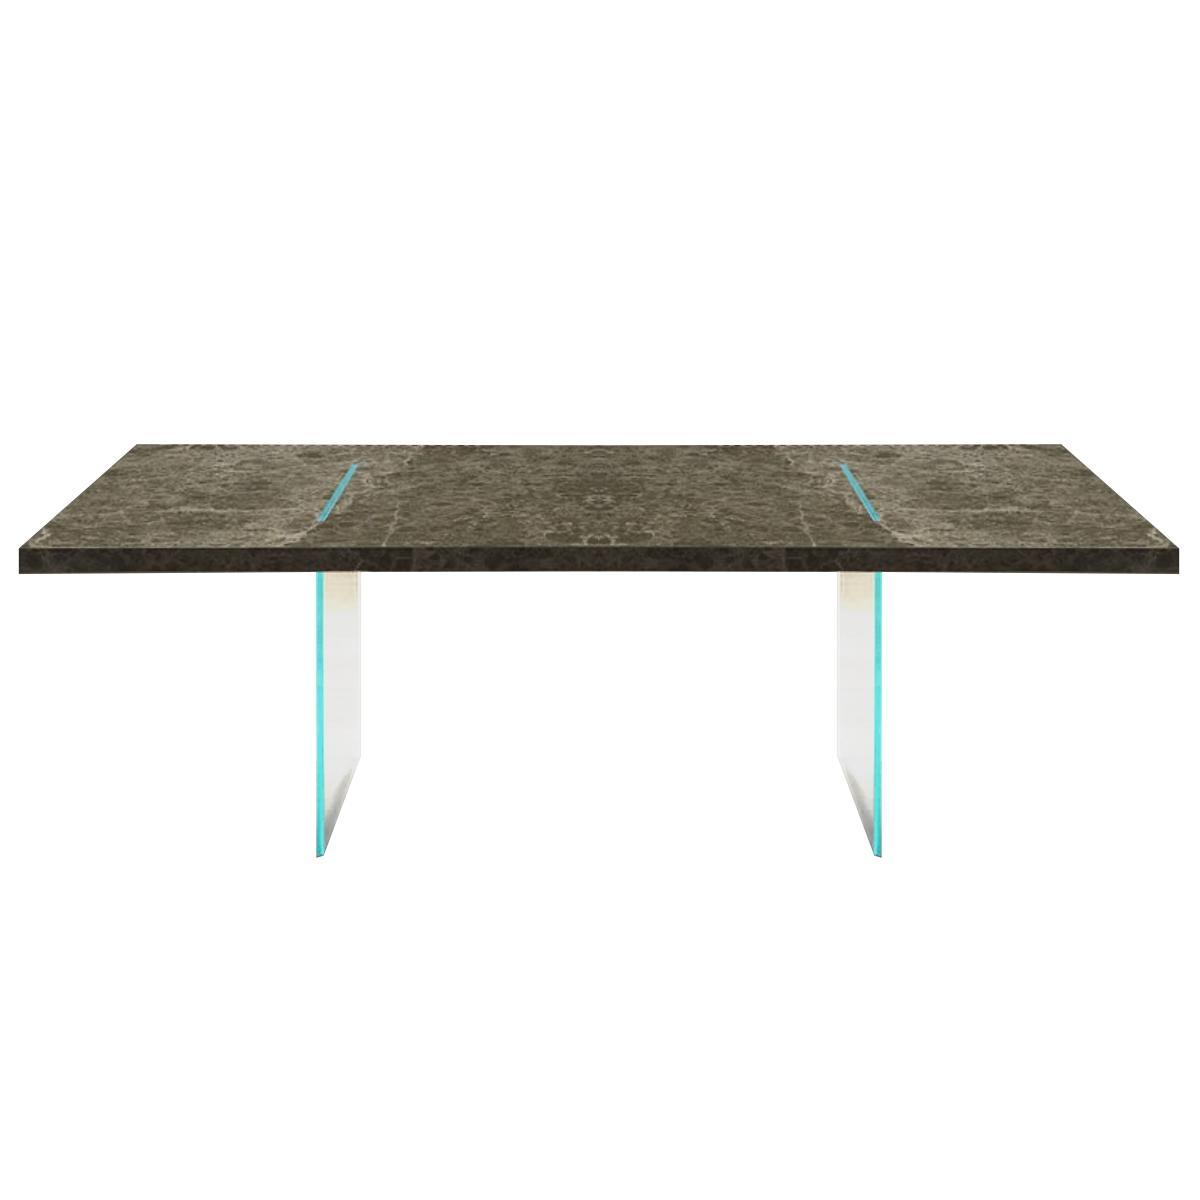 TONELLI jídelní stoly Tavolante Ceramic (220 x 100 cm)